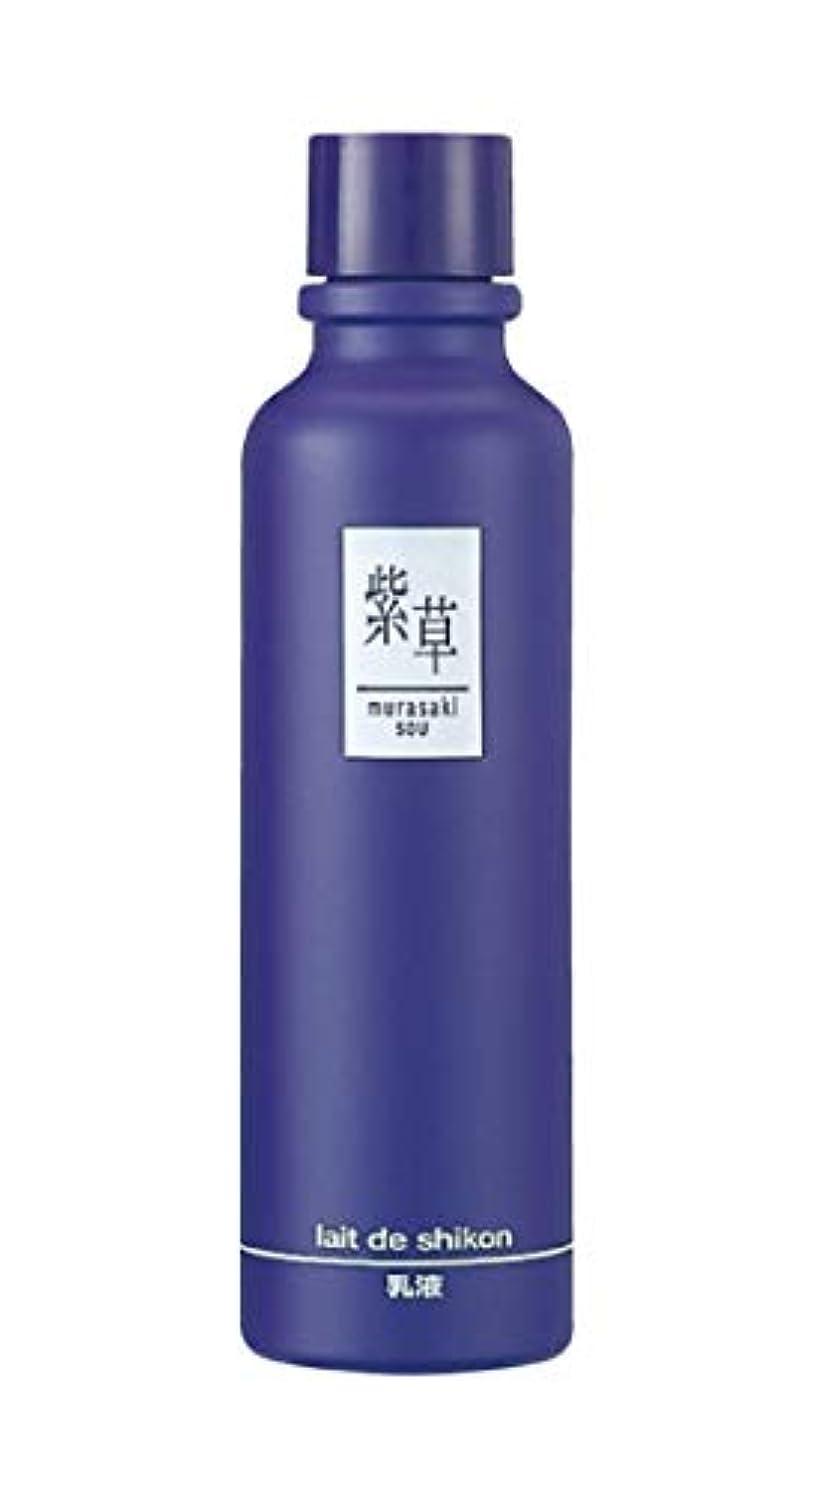 磨かれた指同盟紫草 レーデシコン(乳液)